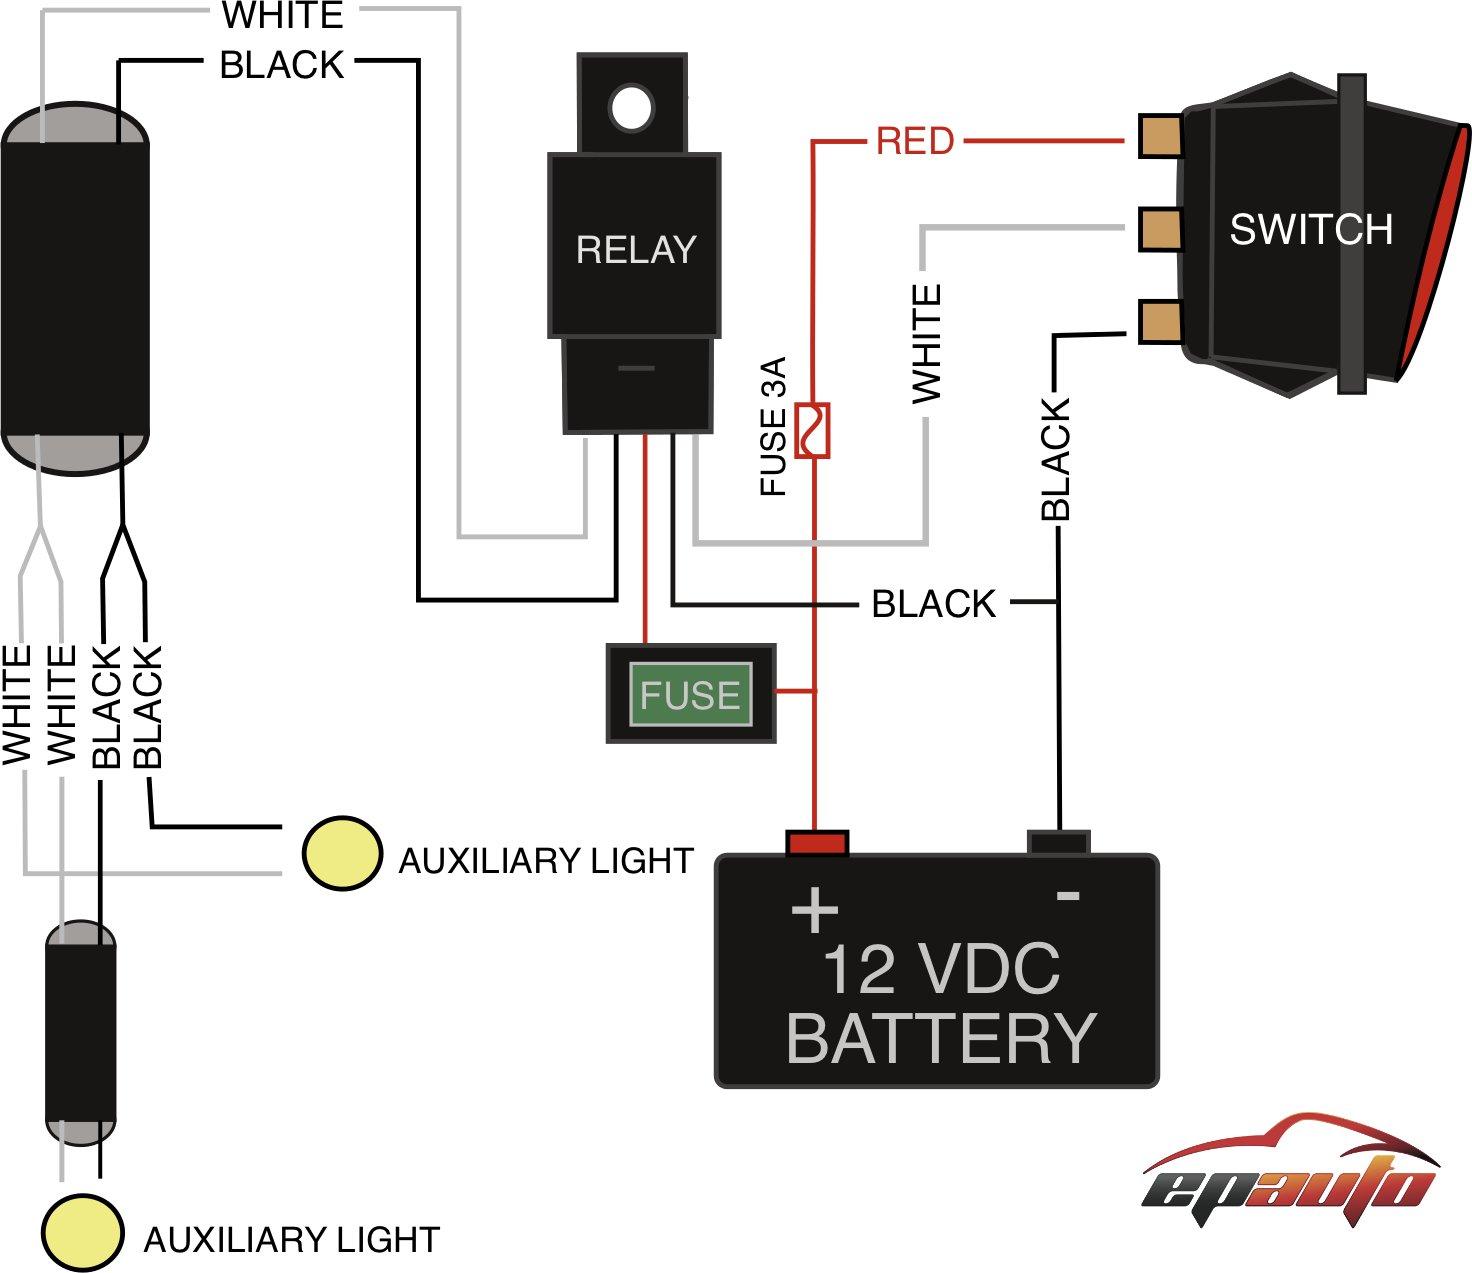 epauto led light bar wiring harness kit 12v 40a relay fuse on rh tibs com Wiring 12V LED Lights LED Light Bars